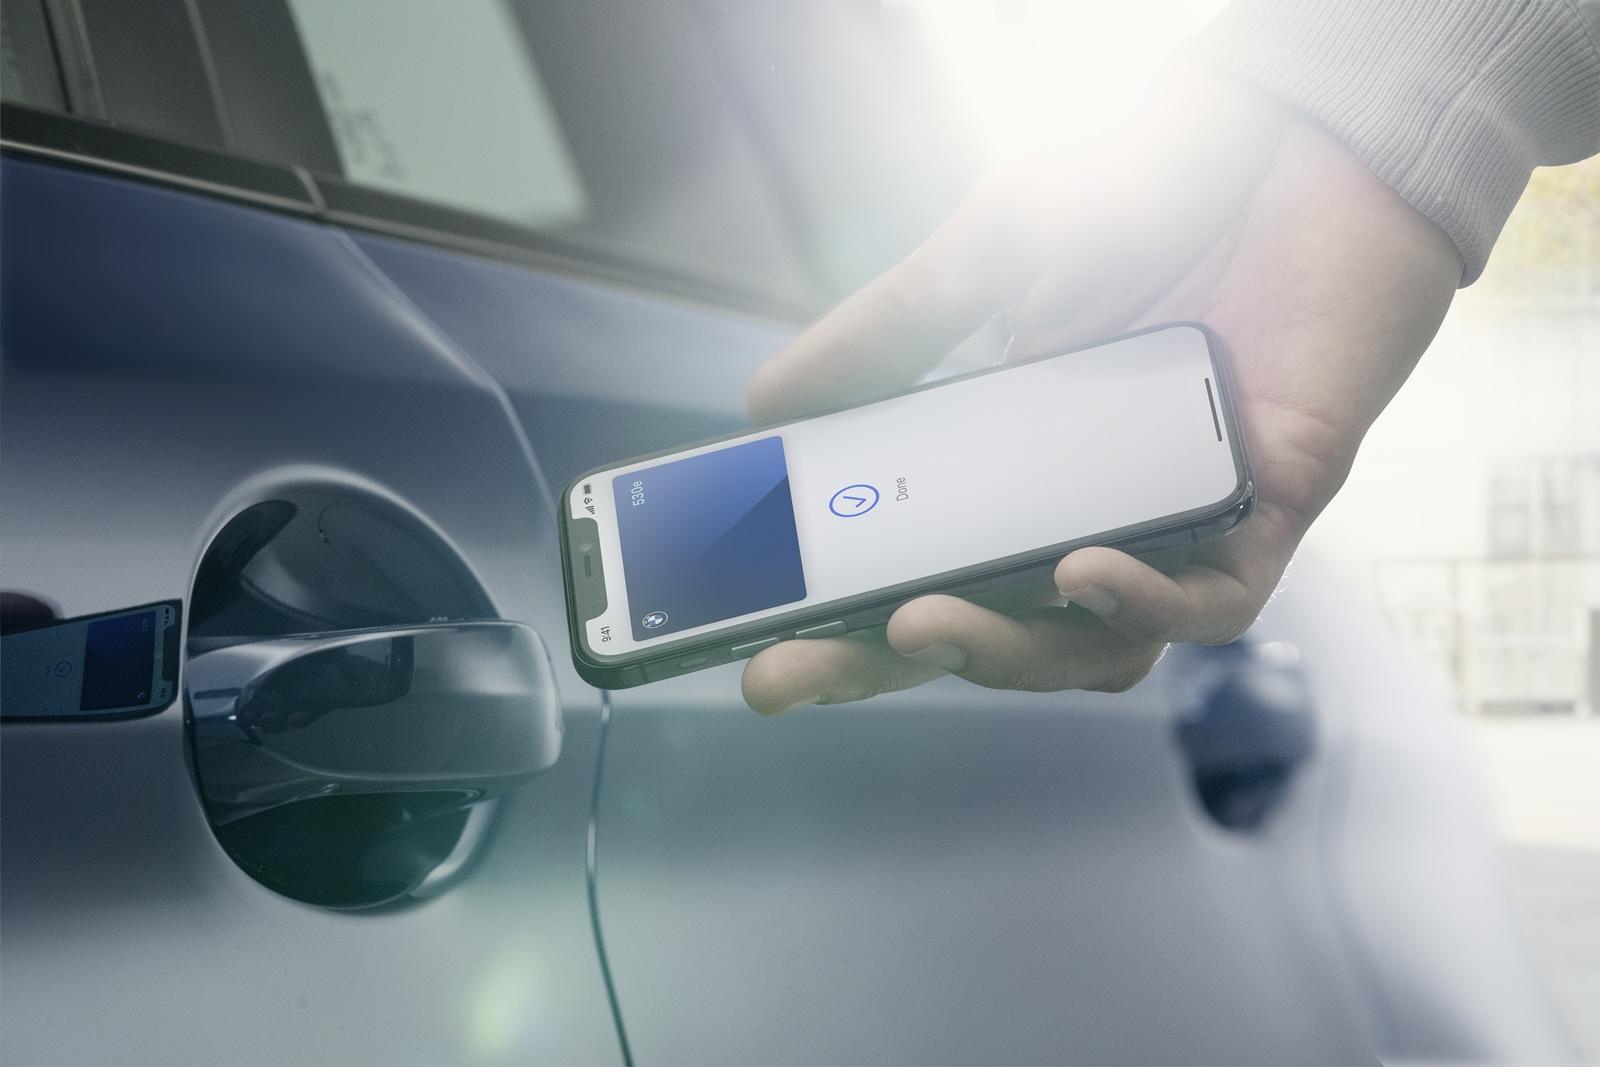 2021 年式新世代車款導入 iPhone 手機數位鑰匙、全新升級加入 NLU 自然語言辨識功能的BMW智慧語音助理2.0。